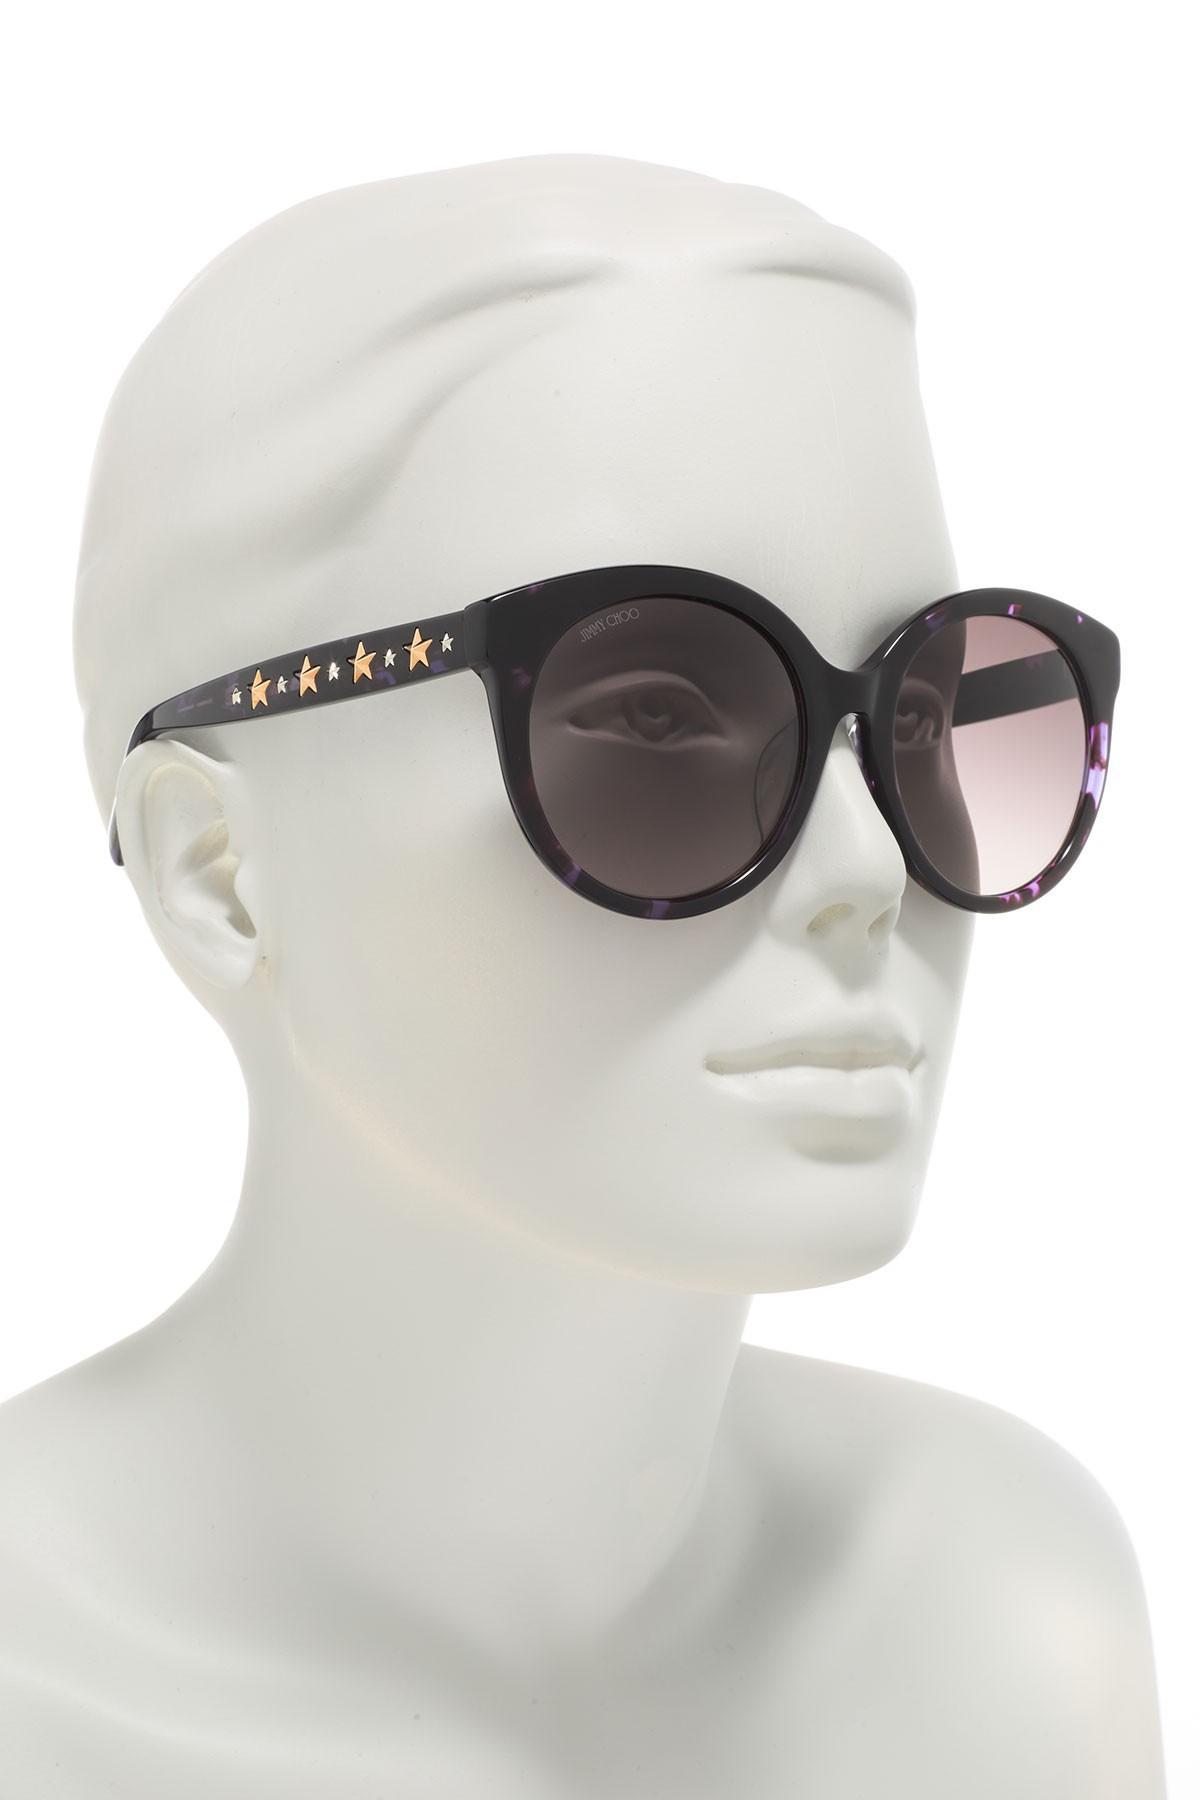 adbcfdd25f2 ... Brown Star Studded 54mm Round Sunglasses - Lyst. View fullscreen